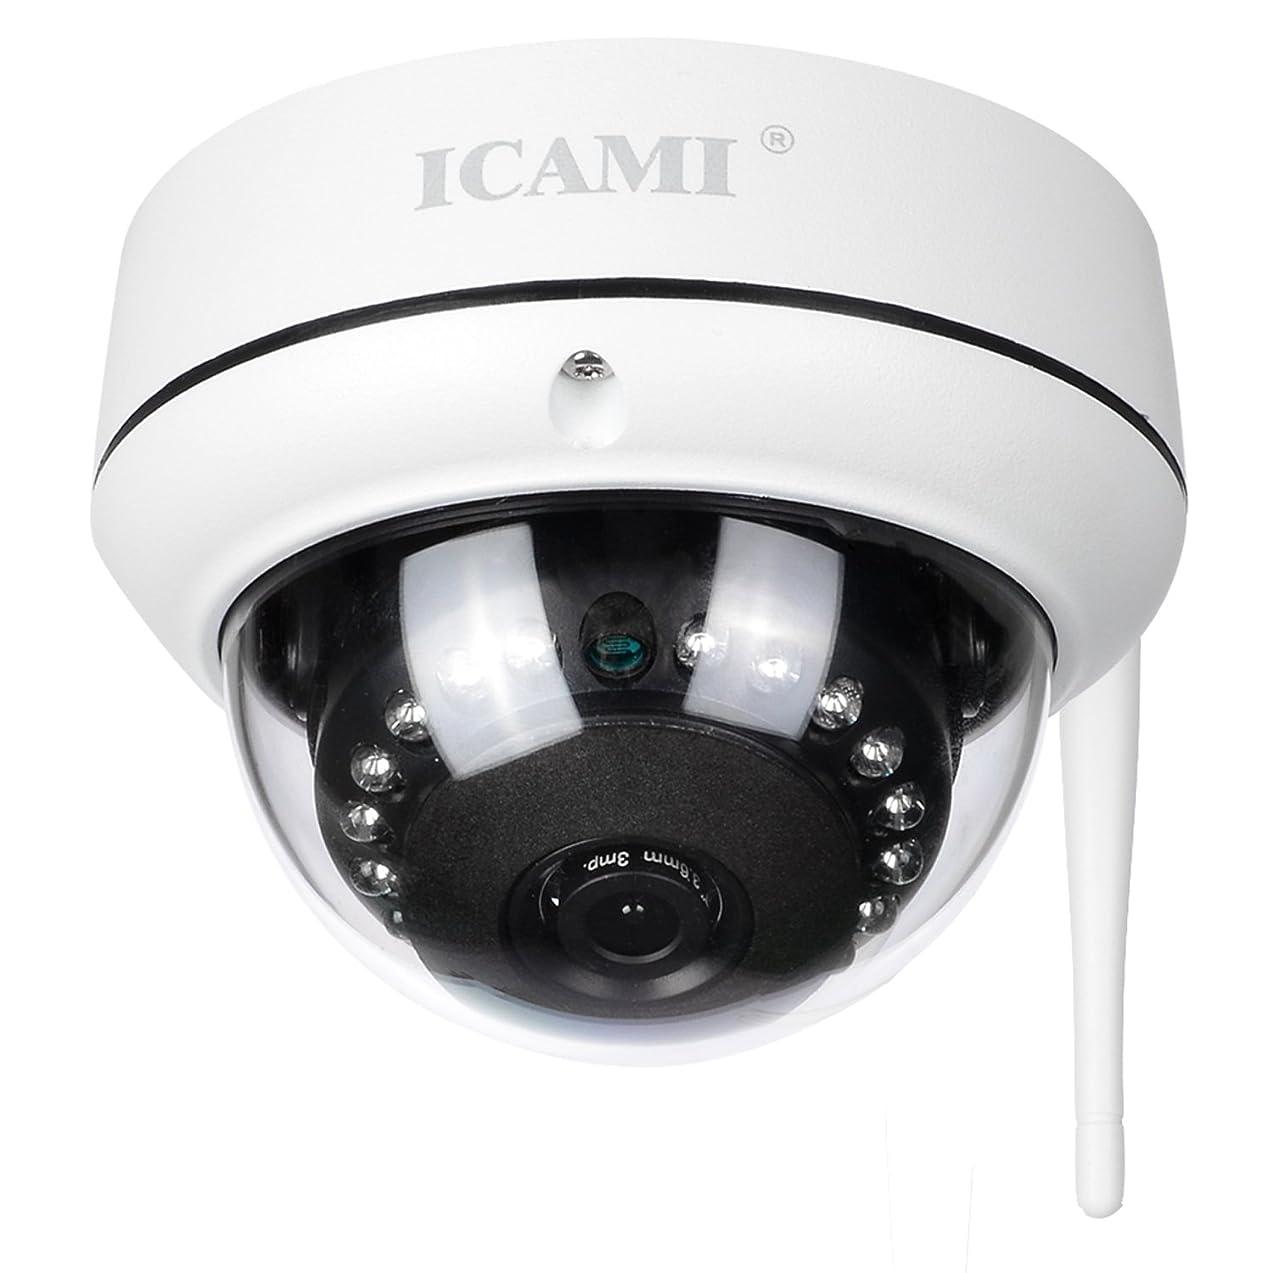 集中私たち自身チューインガムICAMI 防犯カメラ HD 720P ワイヤレス IP 監視カメラ SDカードスロット内臓で自動録画 WIFI対応 動体検知 アラーム機能 暗視撮影